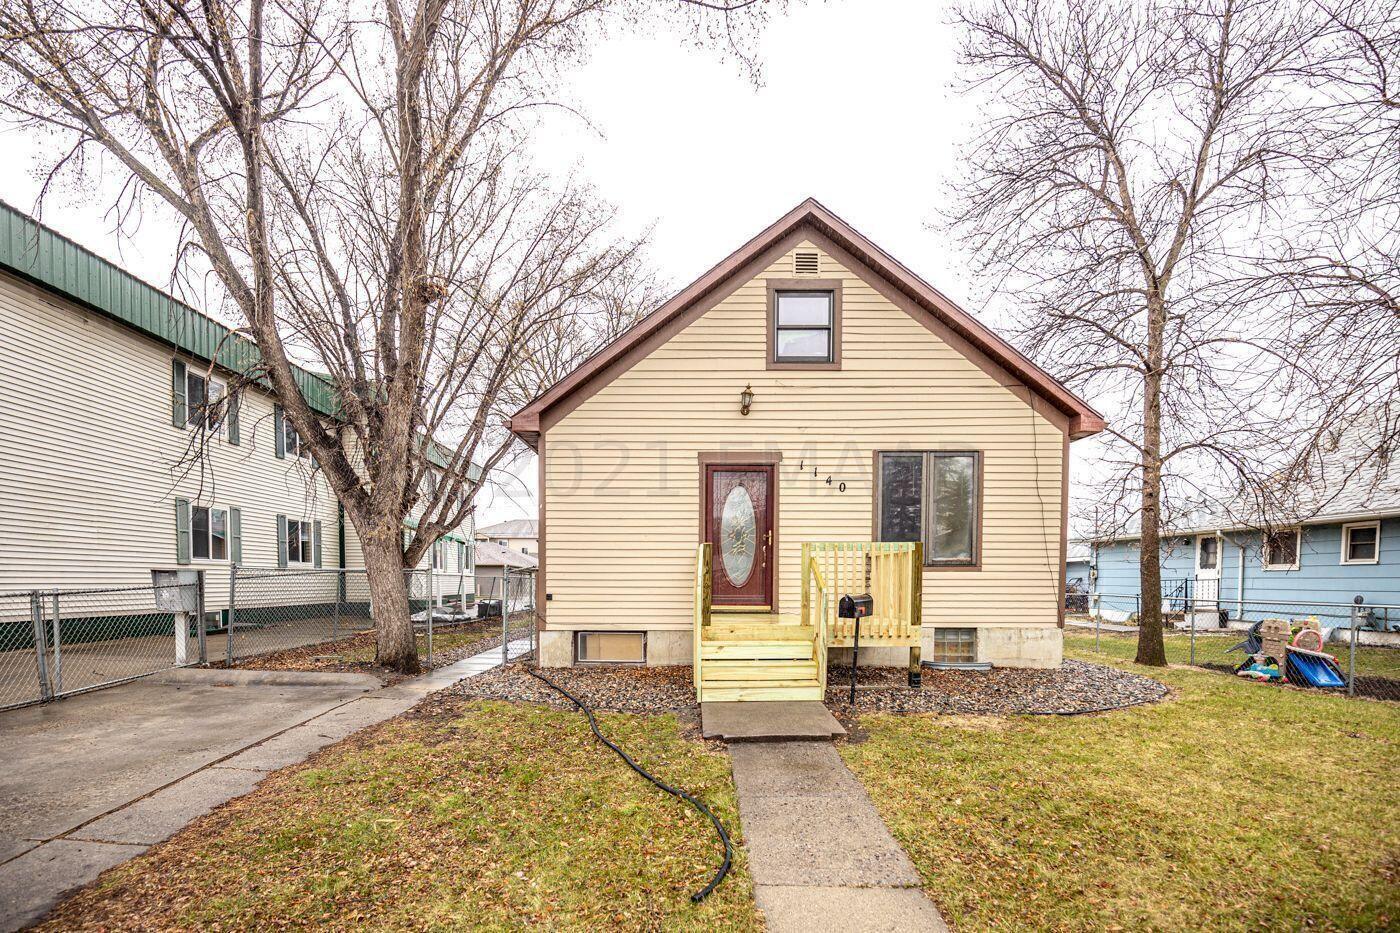 1140 19 Street N, Fargo, ND 58102 - #: 21-2277